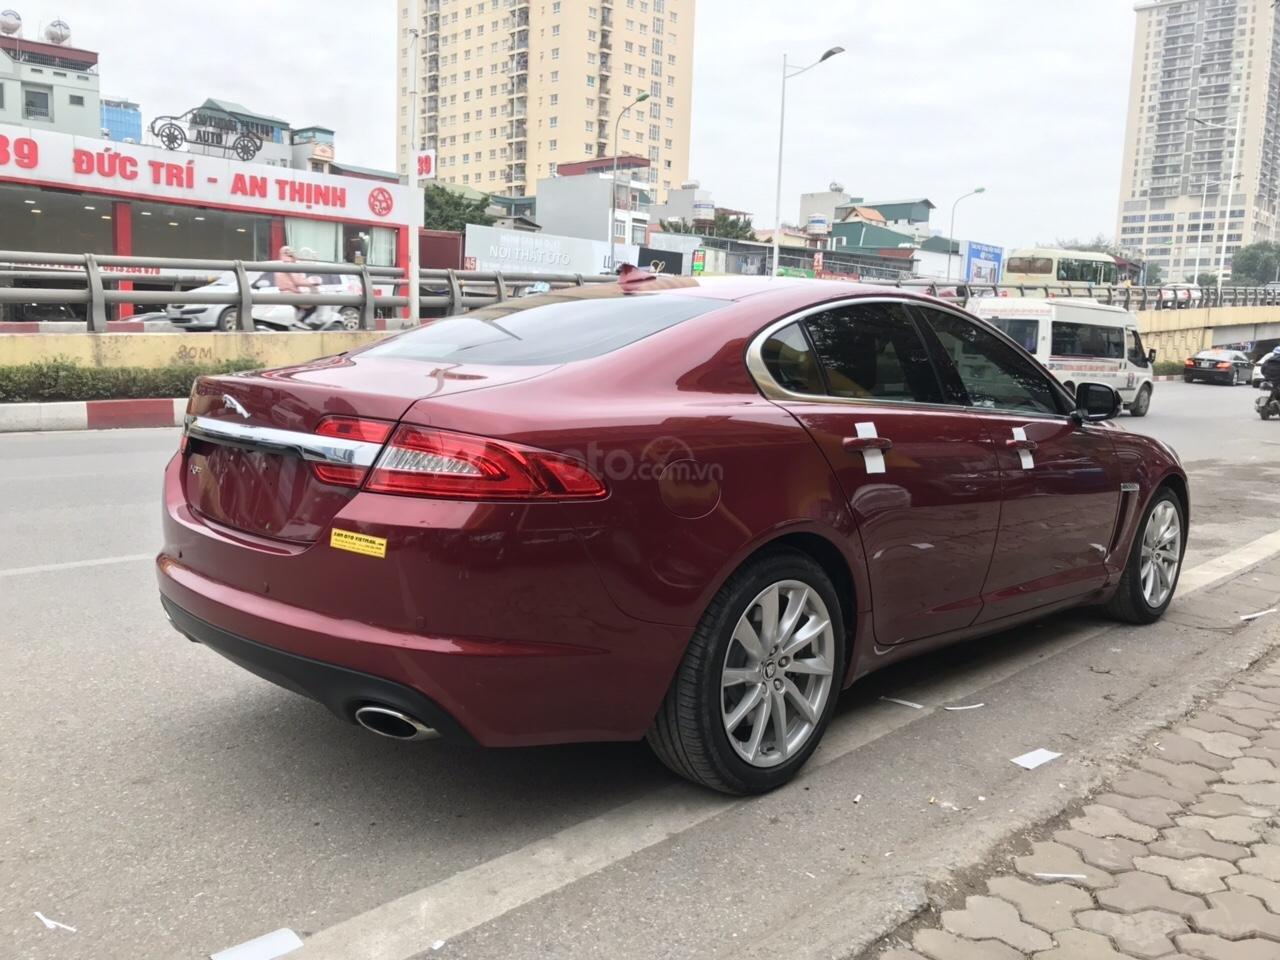 Cần bán Jaguar XF màu đỏ model 2014, xe nhập, giá tốt-3